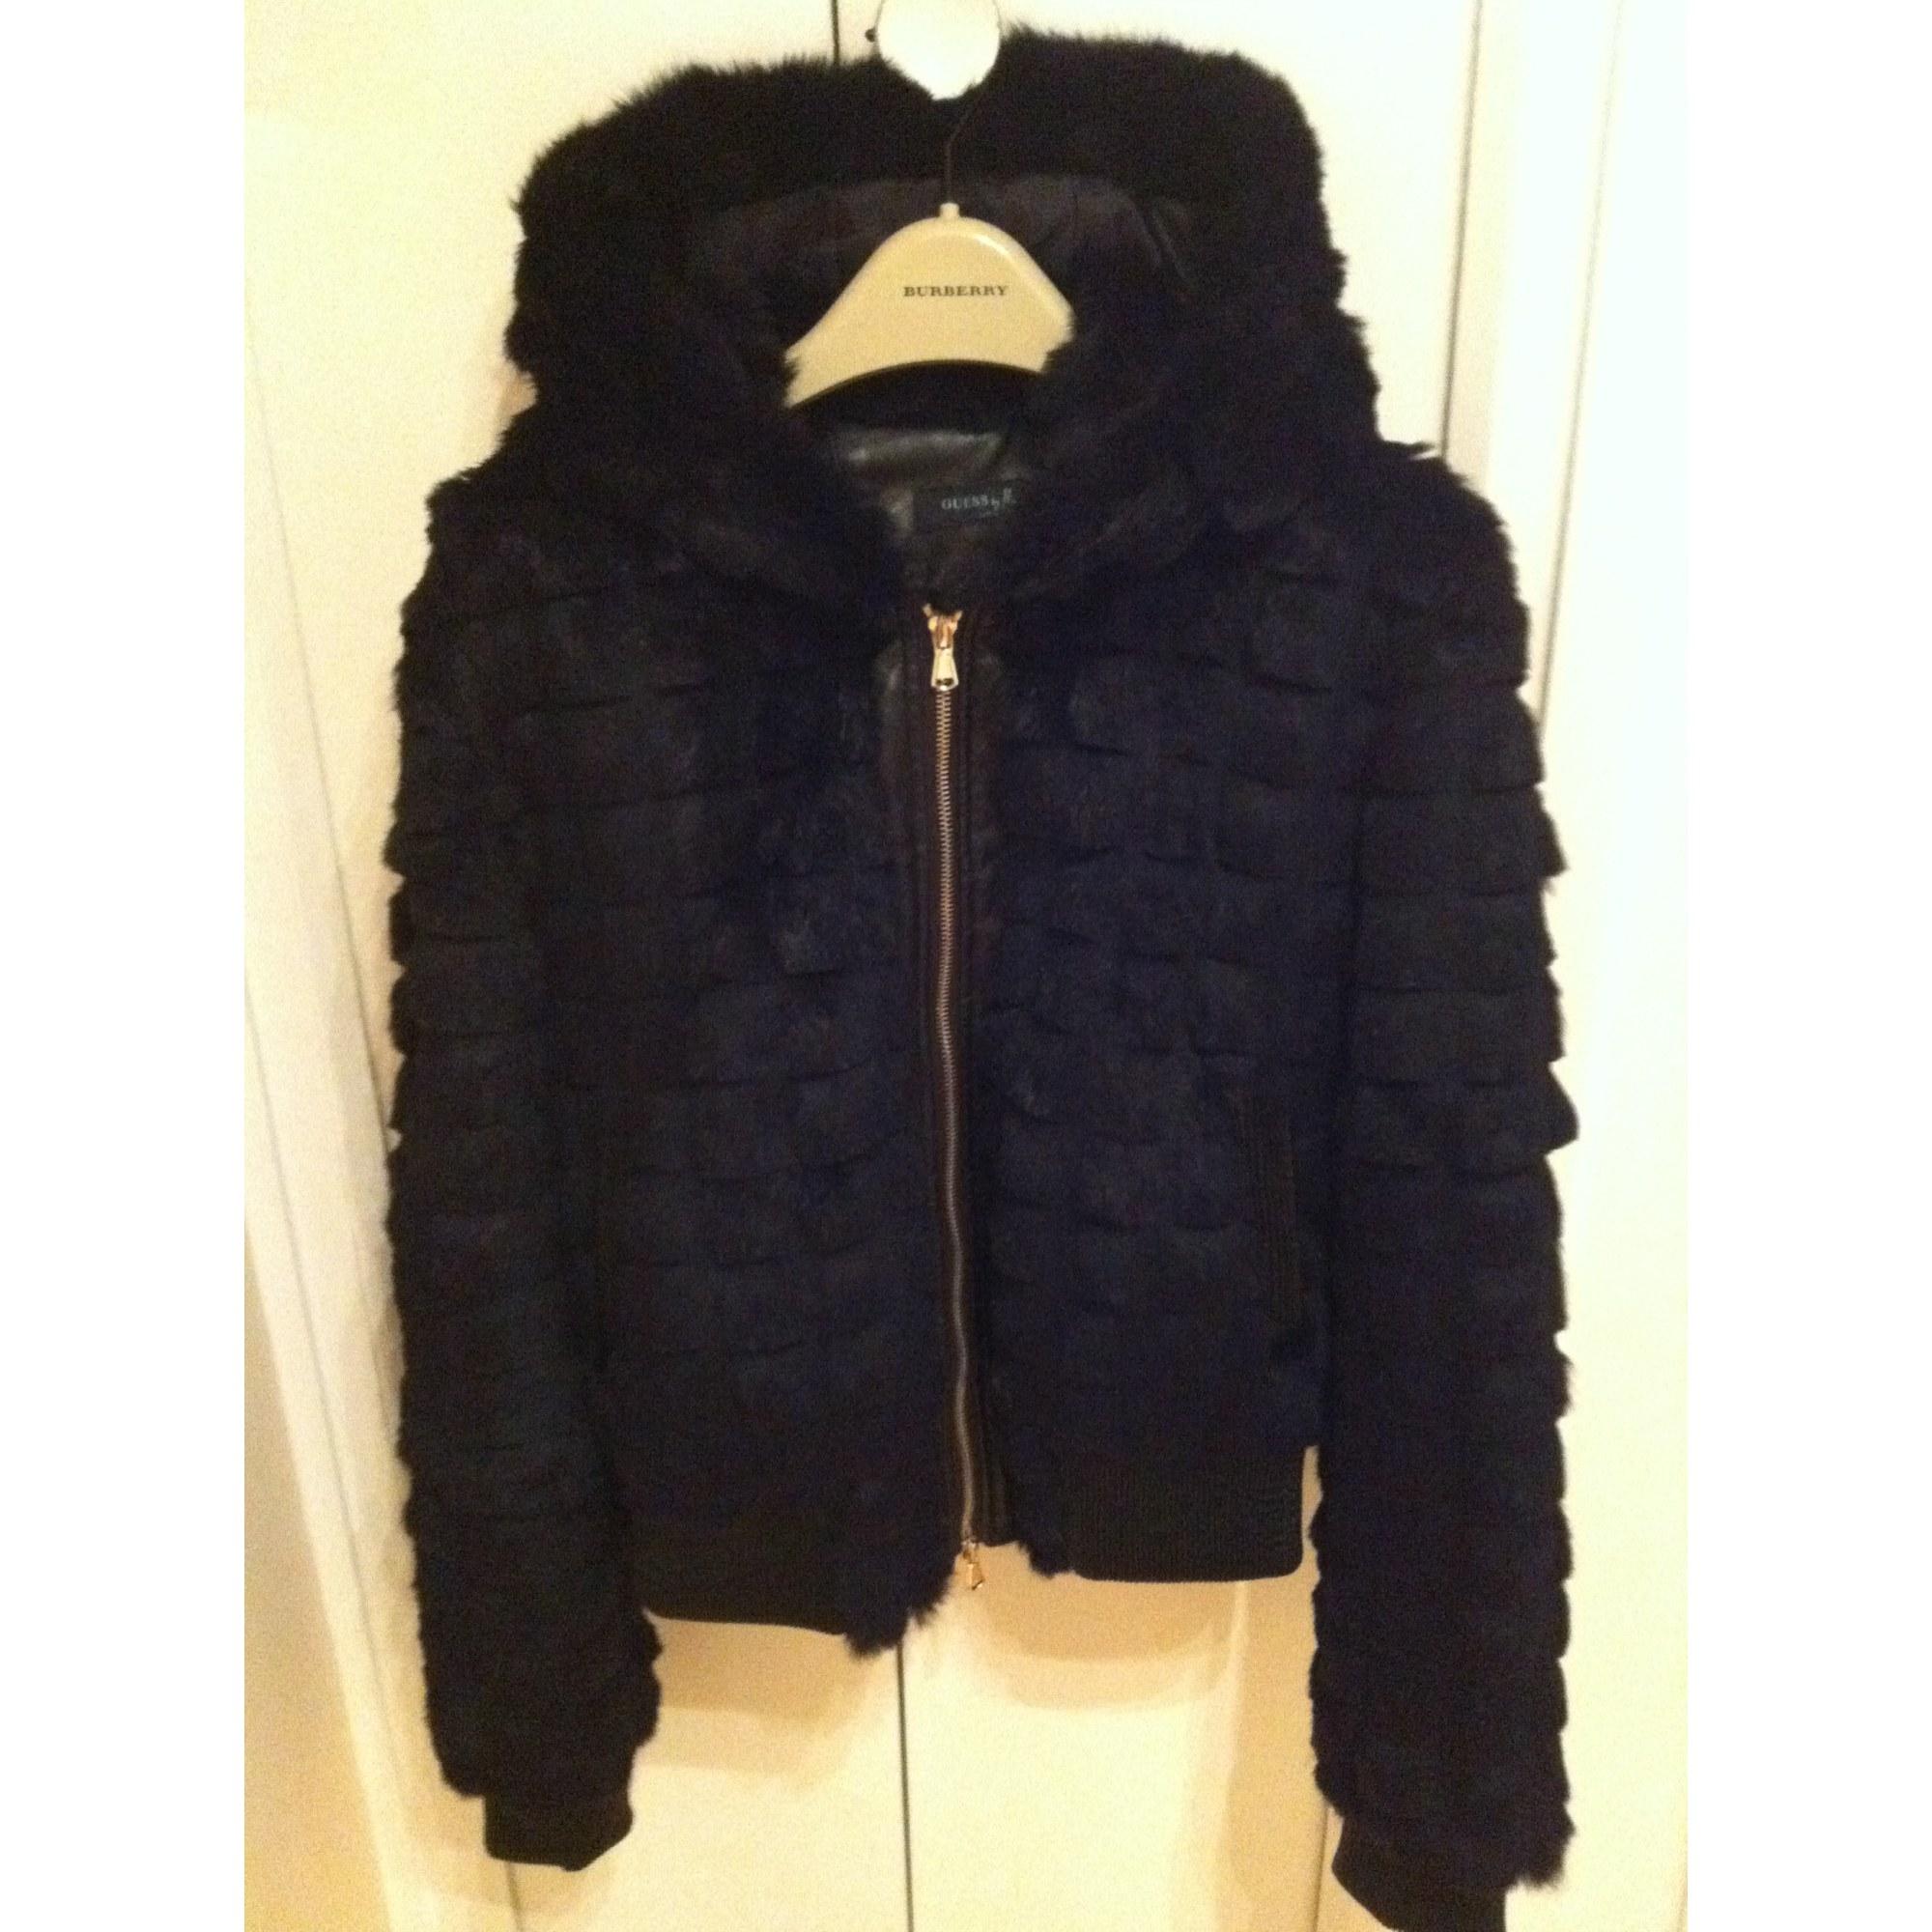 Blouson, veste en fourrure GUESS 42 (L XL, T4) noir vendu par Jackie ... 8fb5b791056